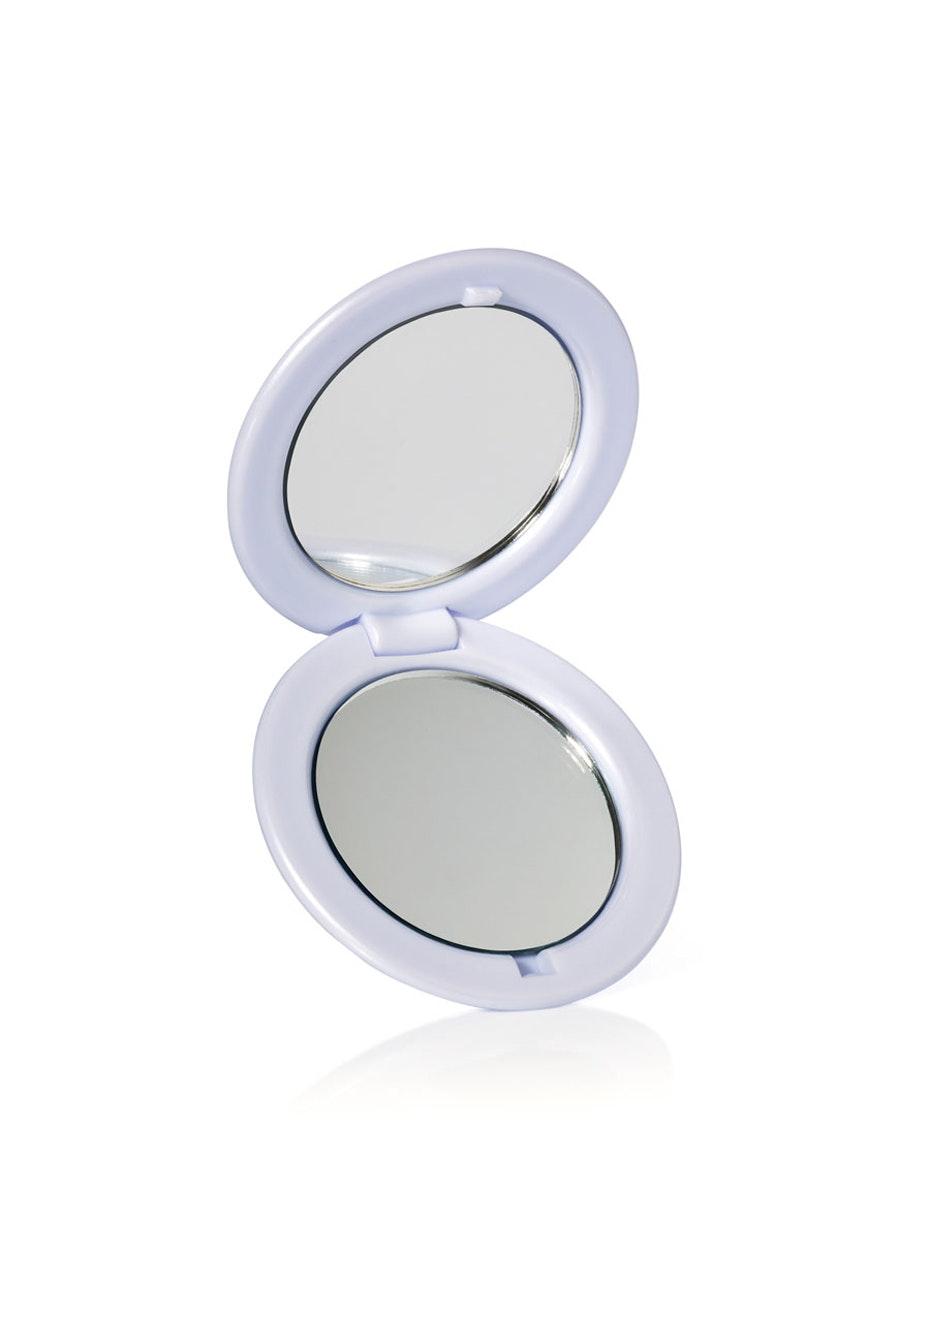 e.l.f Travel Mirror 1701